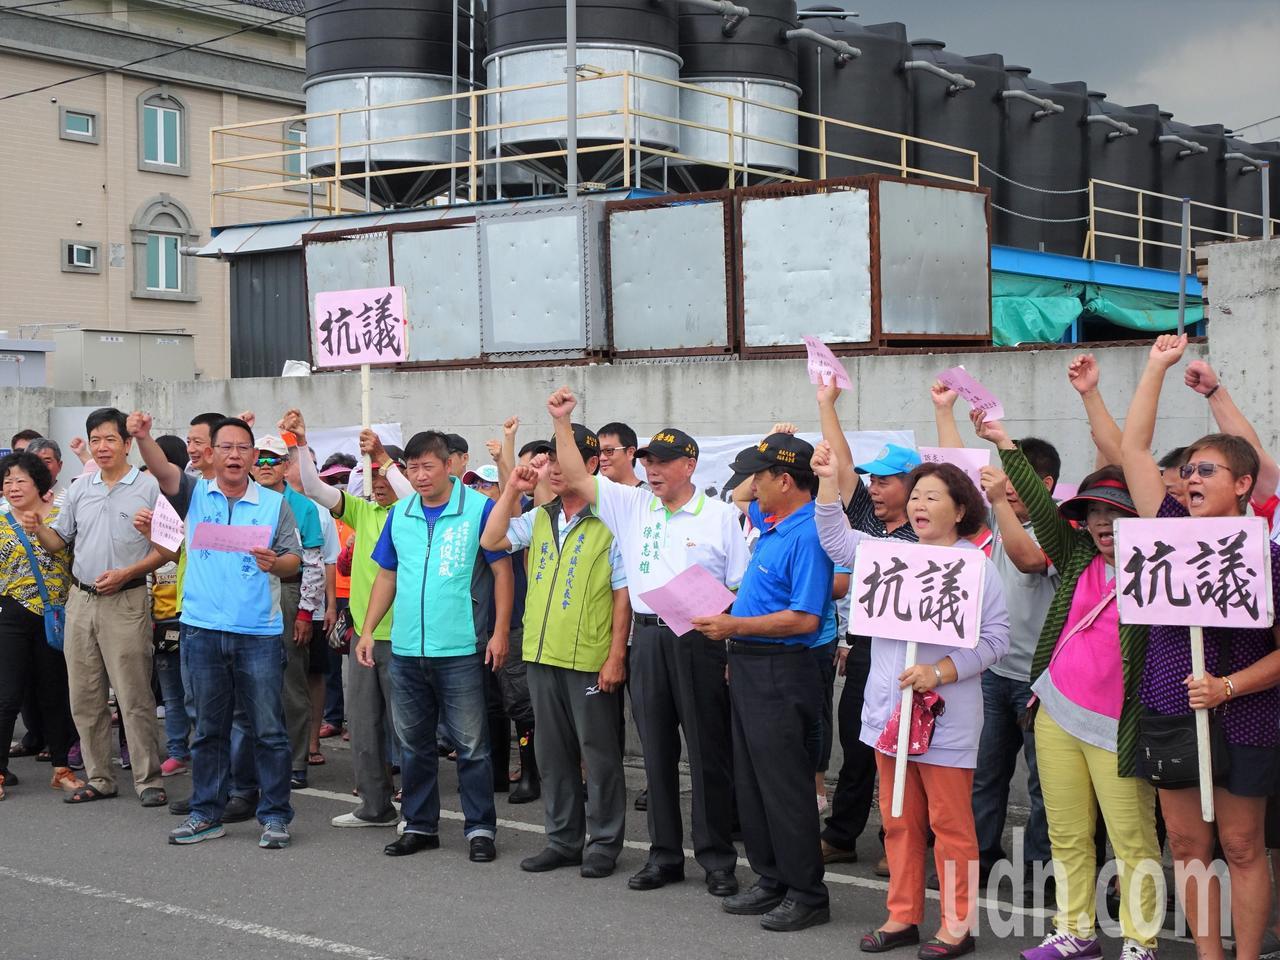 影/肥料工廠飄惡臭 東港鎮民集結抗議:比死老鼠還臭